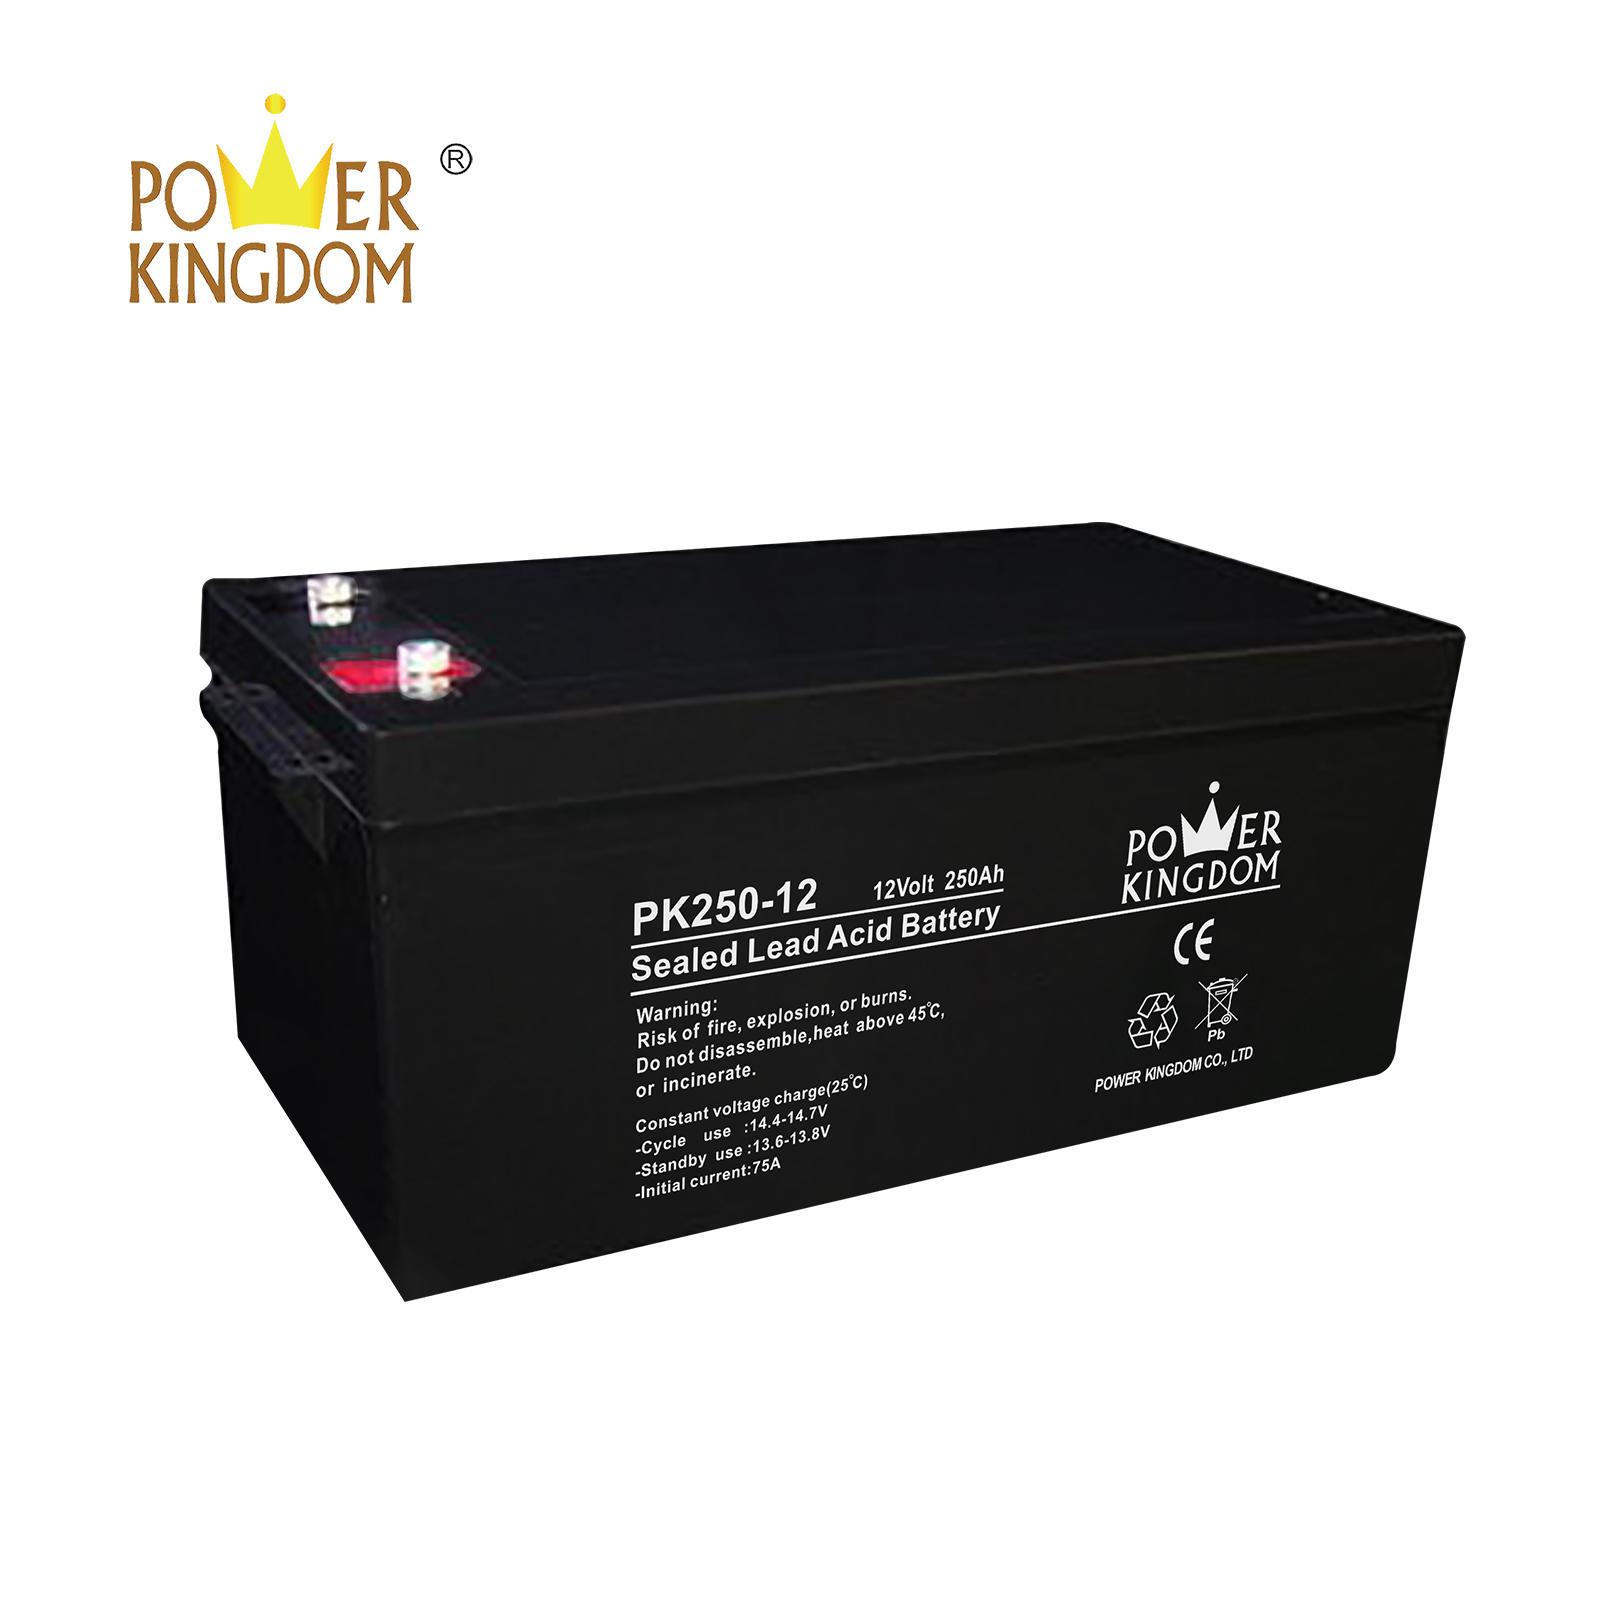 12v 250ah sealed lead acid battery